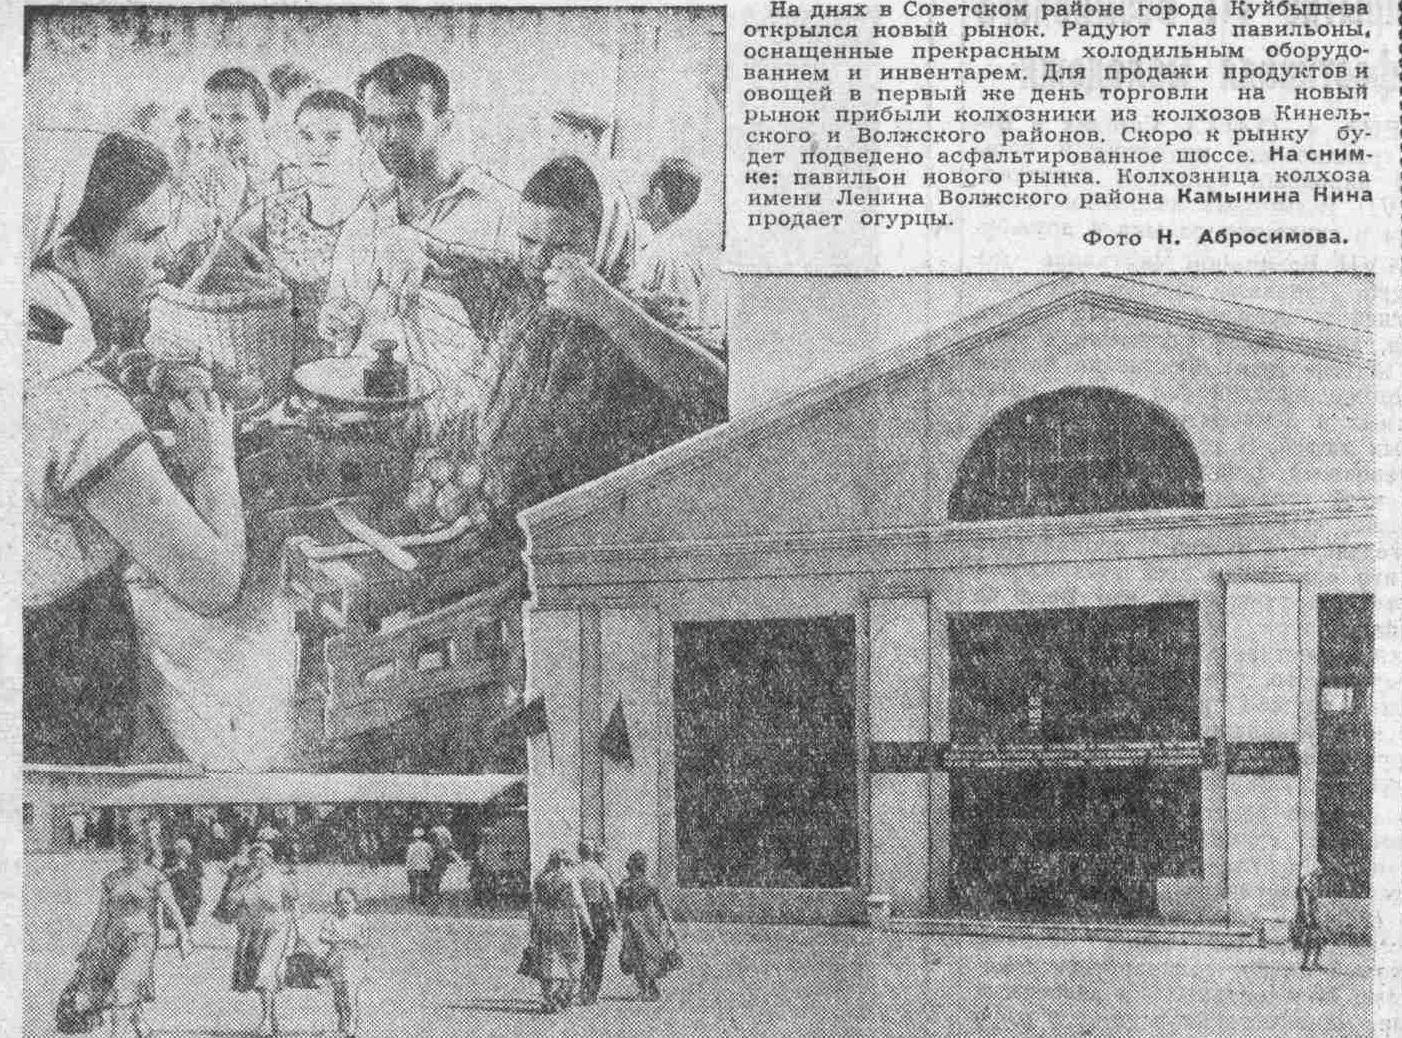 Запорожская-ФОТО-12-ВКа-1959-08-06-открытие рынка в Сов. р-не